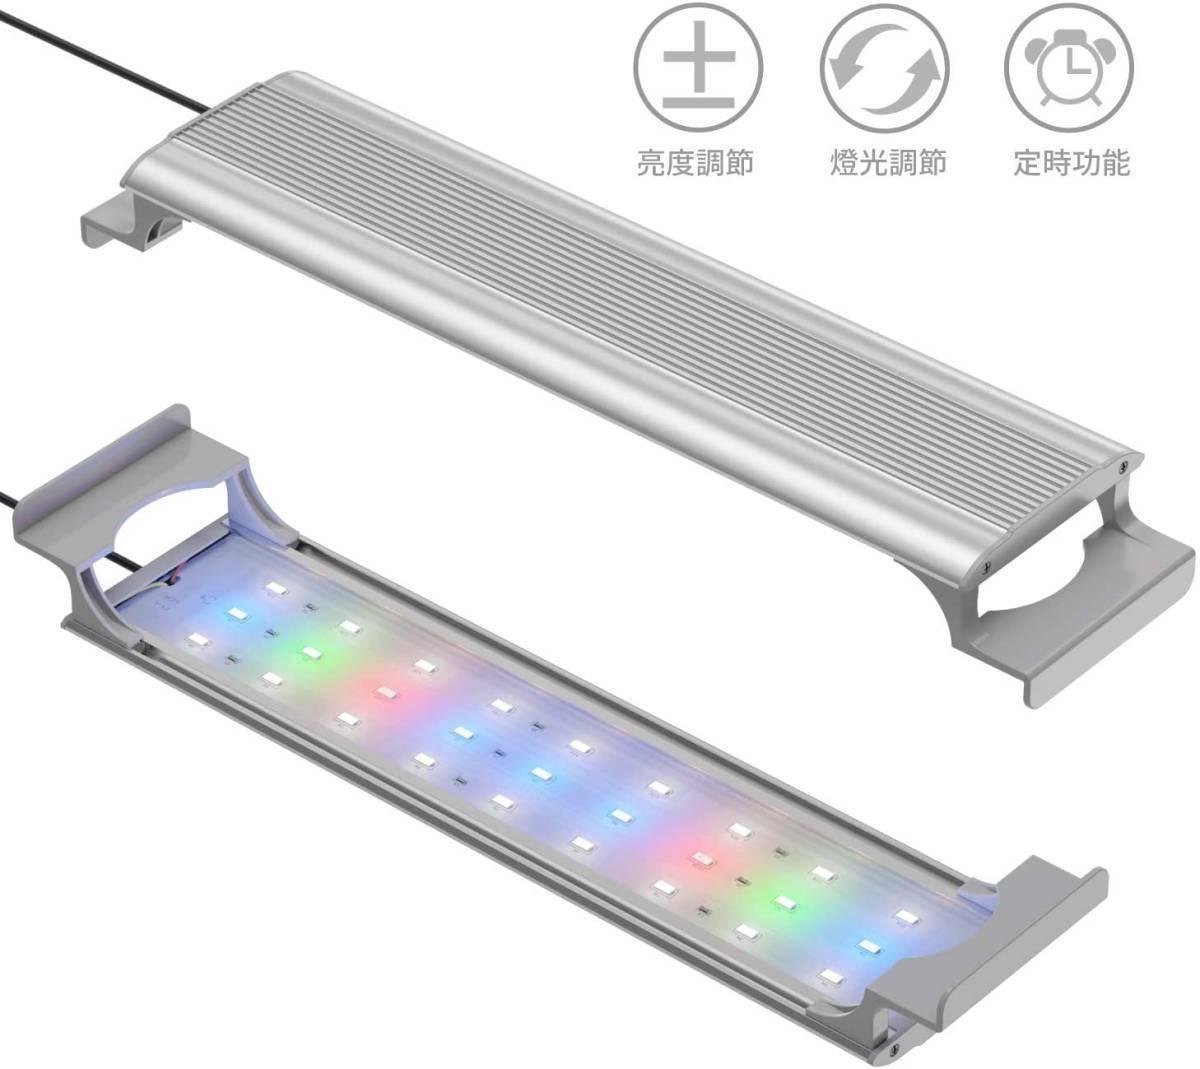 アクアリウム LED水槽ライト 水槽用照明 25~30CM 魚ライト 27連 4色白/赤/青/緑 観賞魚 熱帯魚 水草育成 10.5W 省エネ_画像1